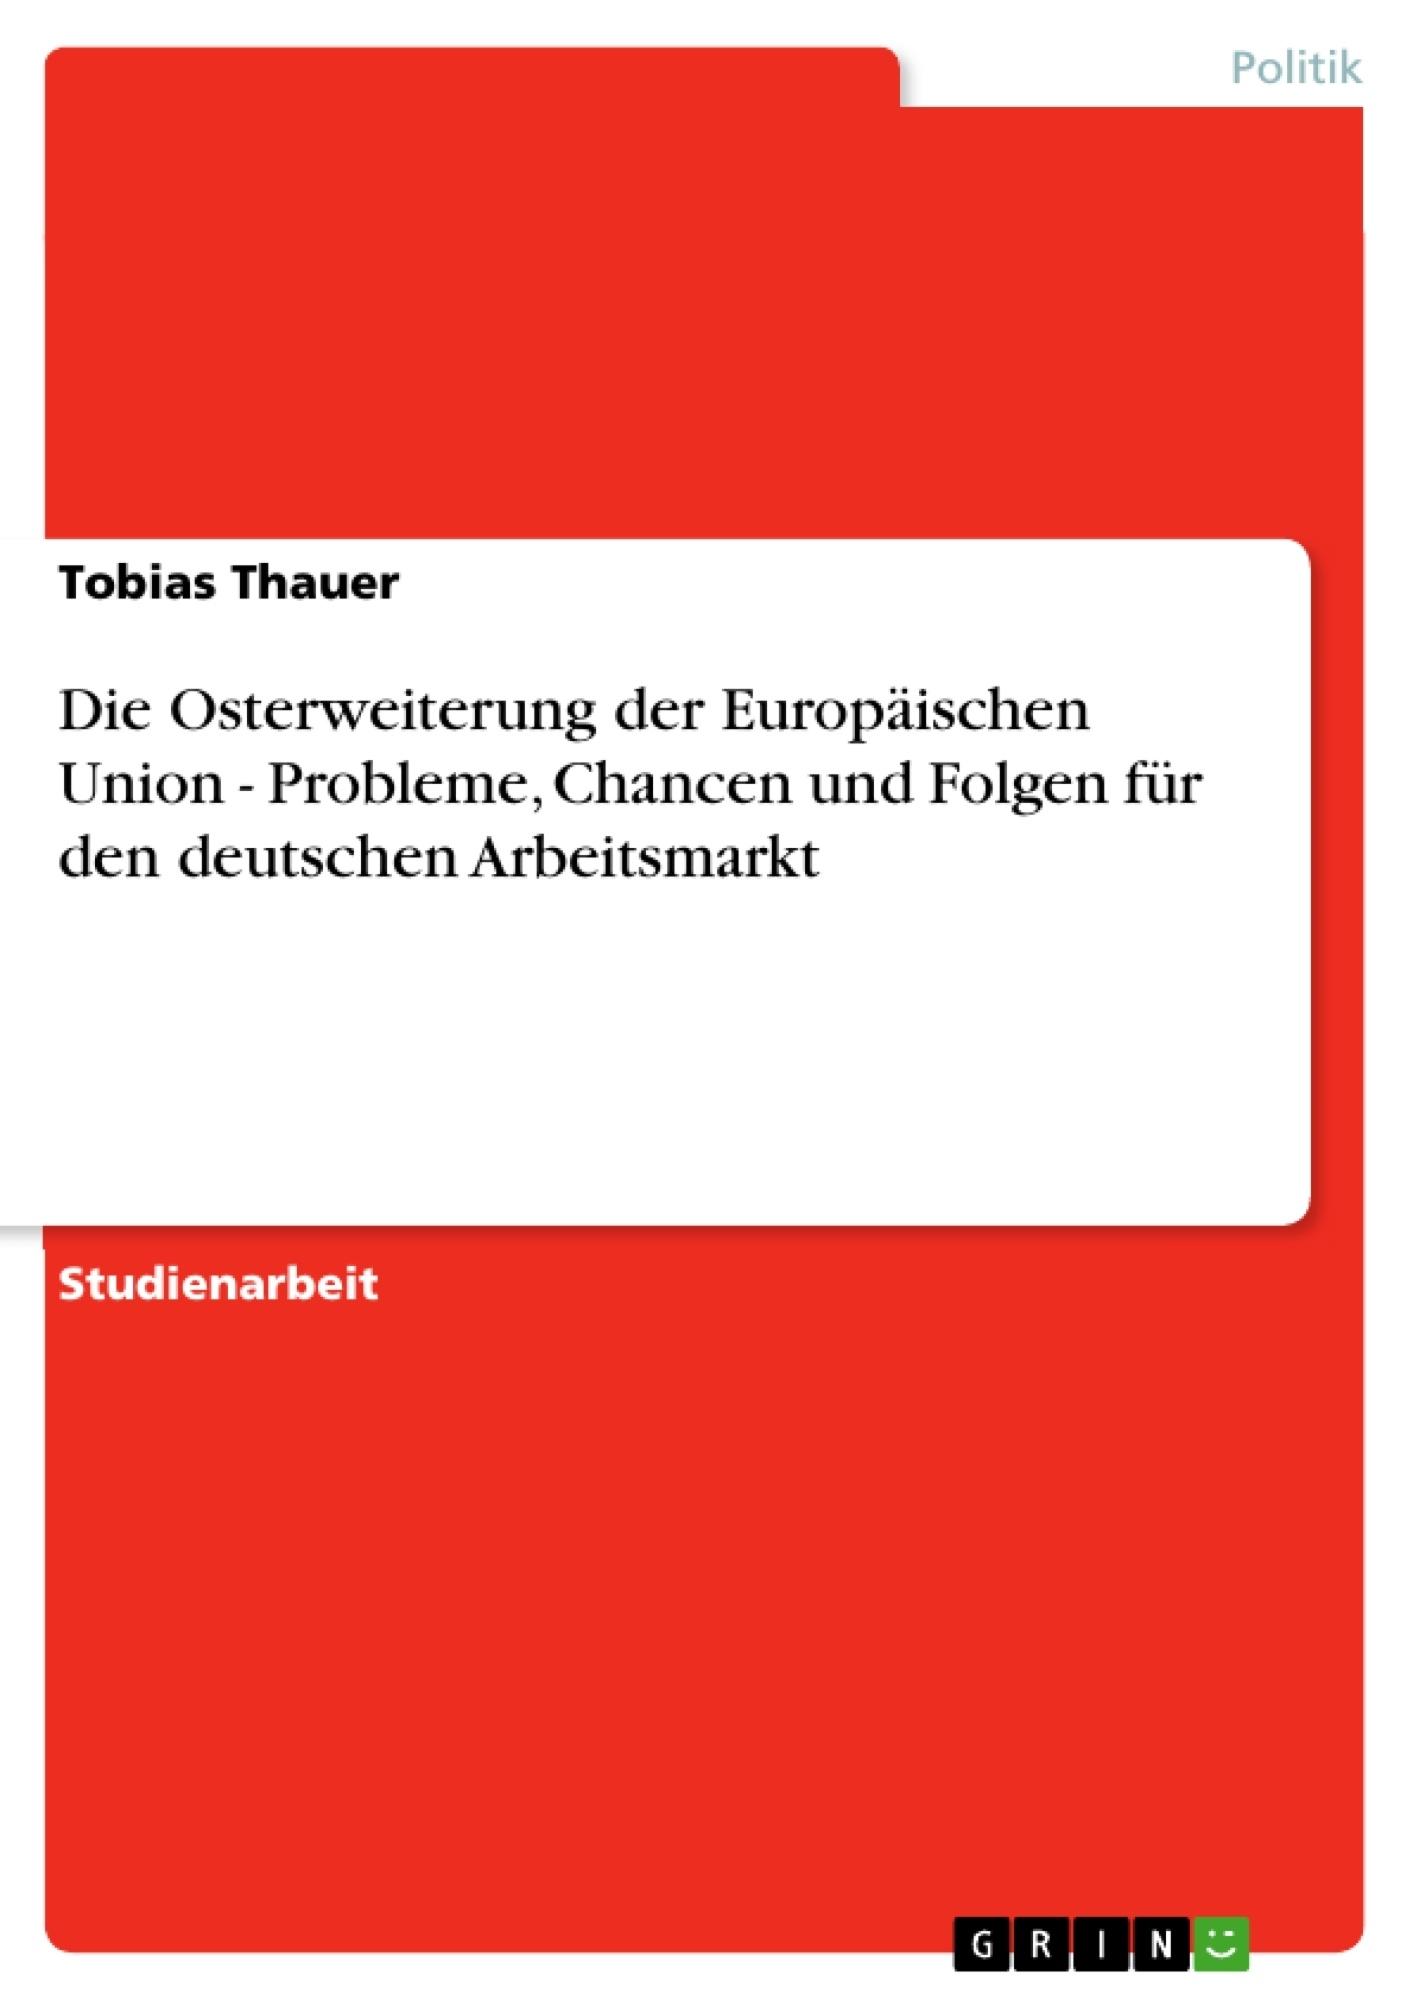 Titel: Die Osterweiterung der Europäischen Union - Probleme, Chancen und Folgen für den deutschen Arbeitsmarkt